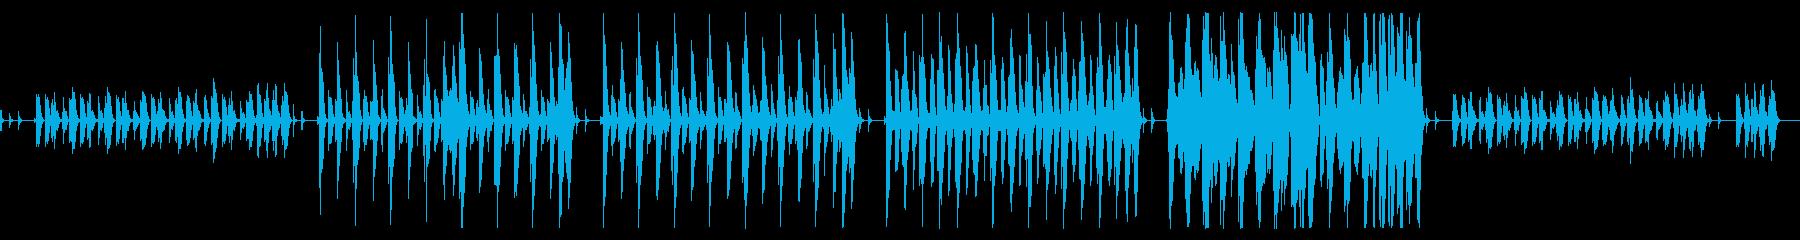 温かみのあるコンセプトムービー用BGMの再生済みの波形